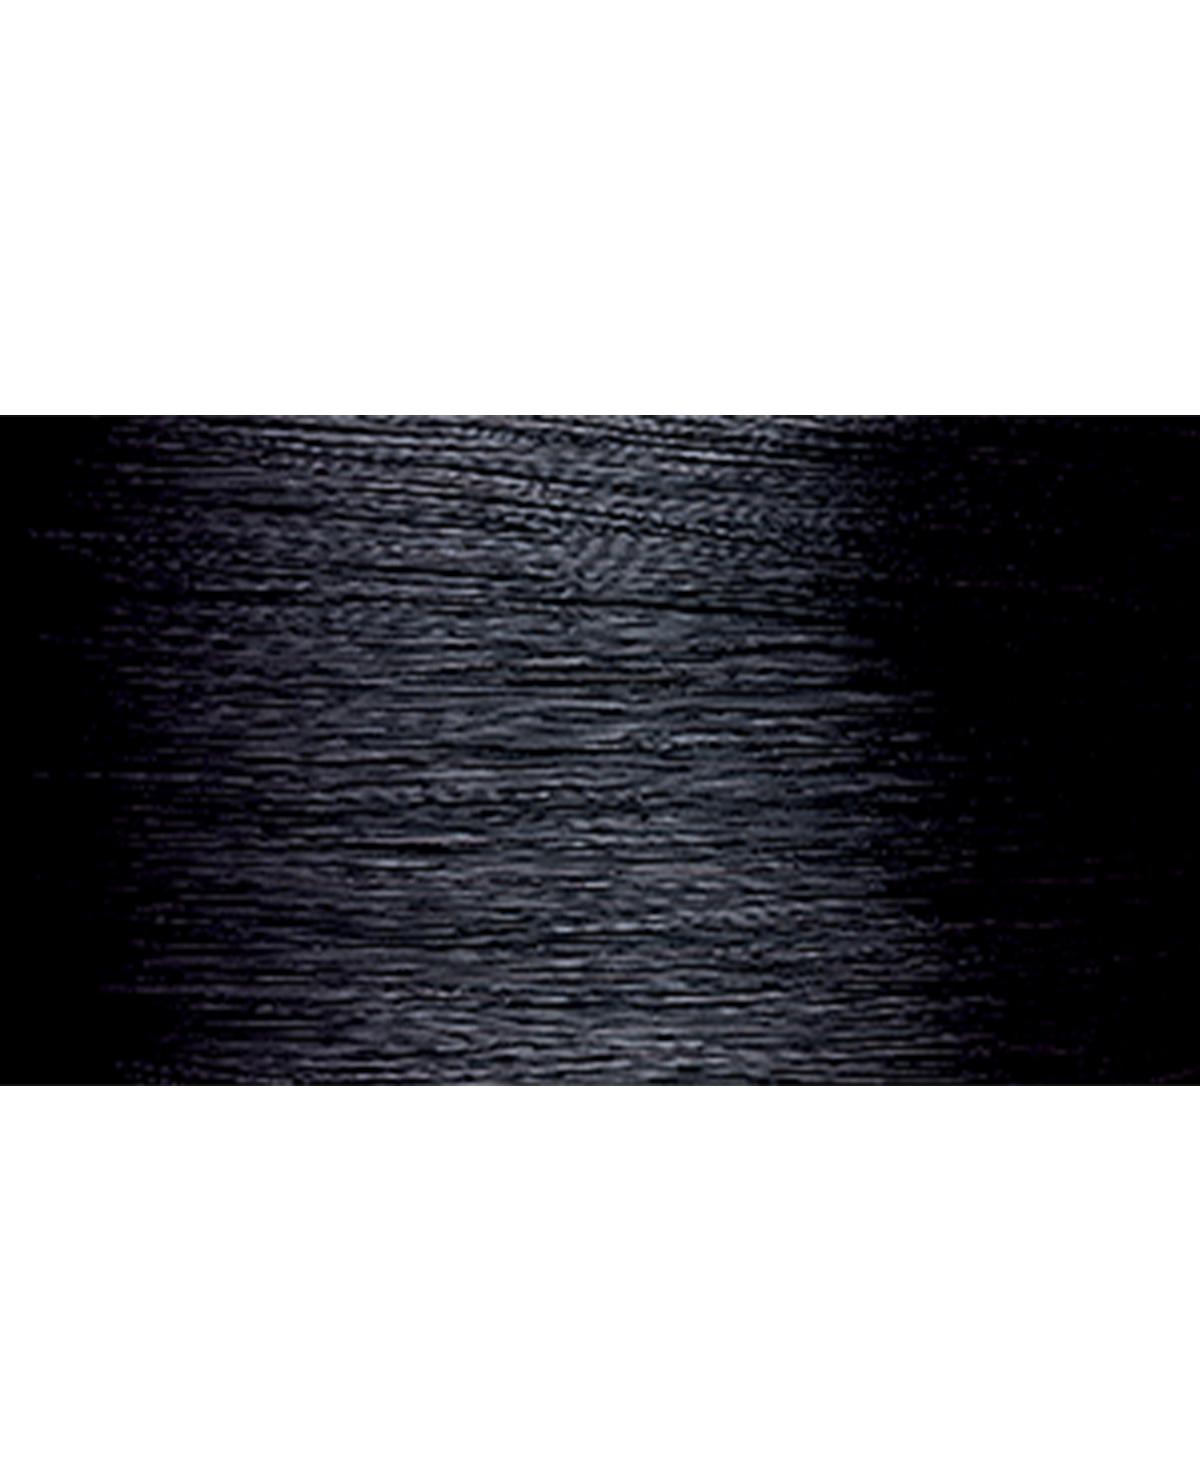 Joico 1NV / 1.02 Lumishine Demi Liquid 74ml